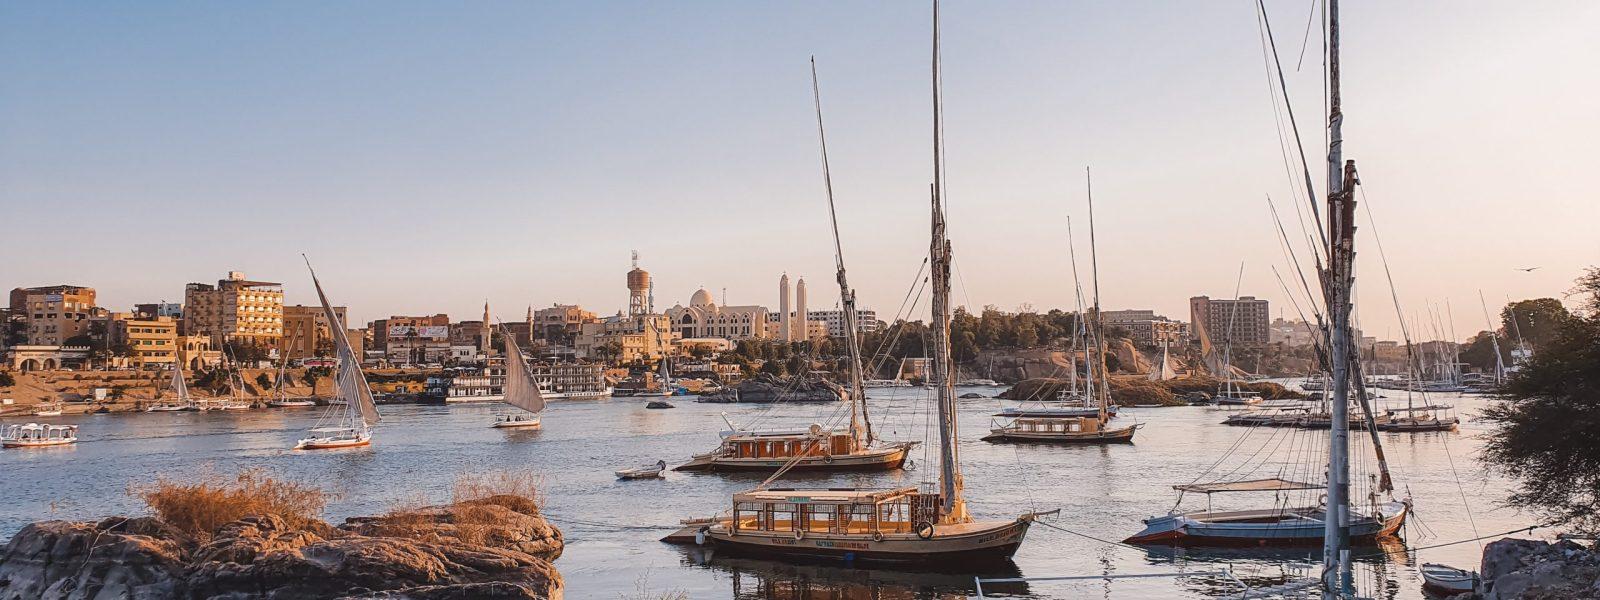 Aswan in Egypte: 10 leukste dingen om te doen